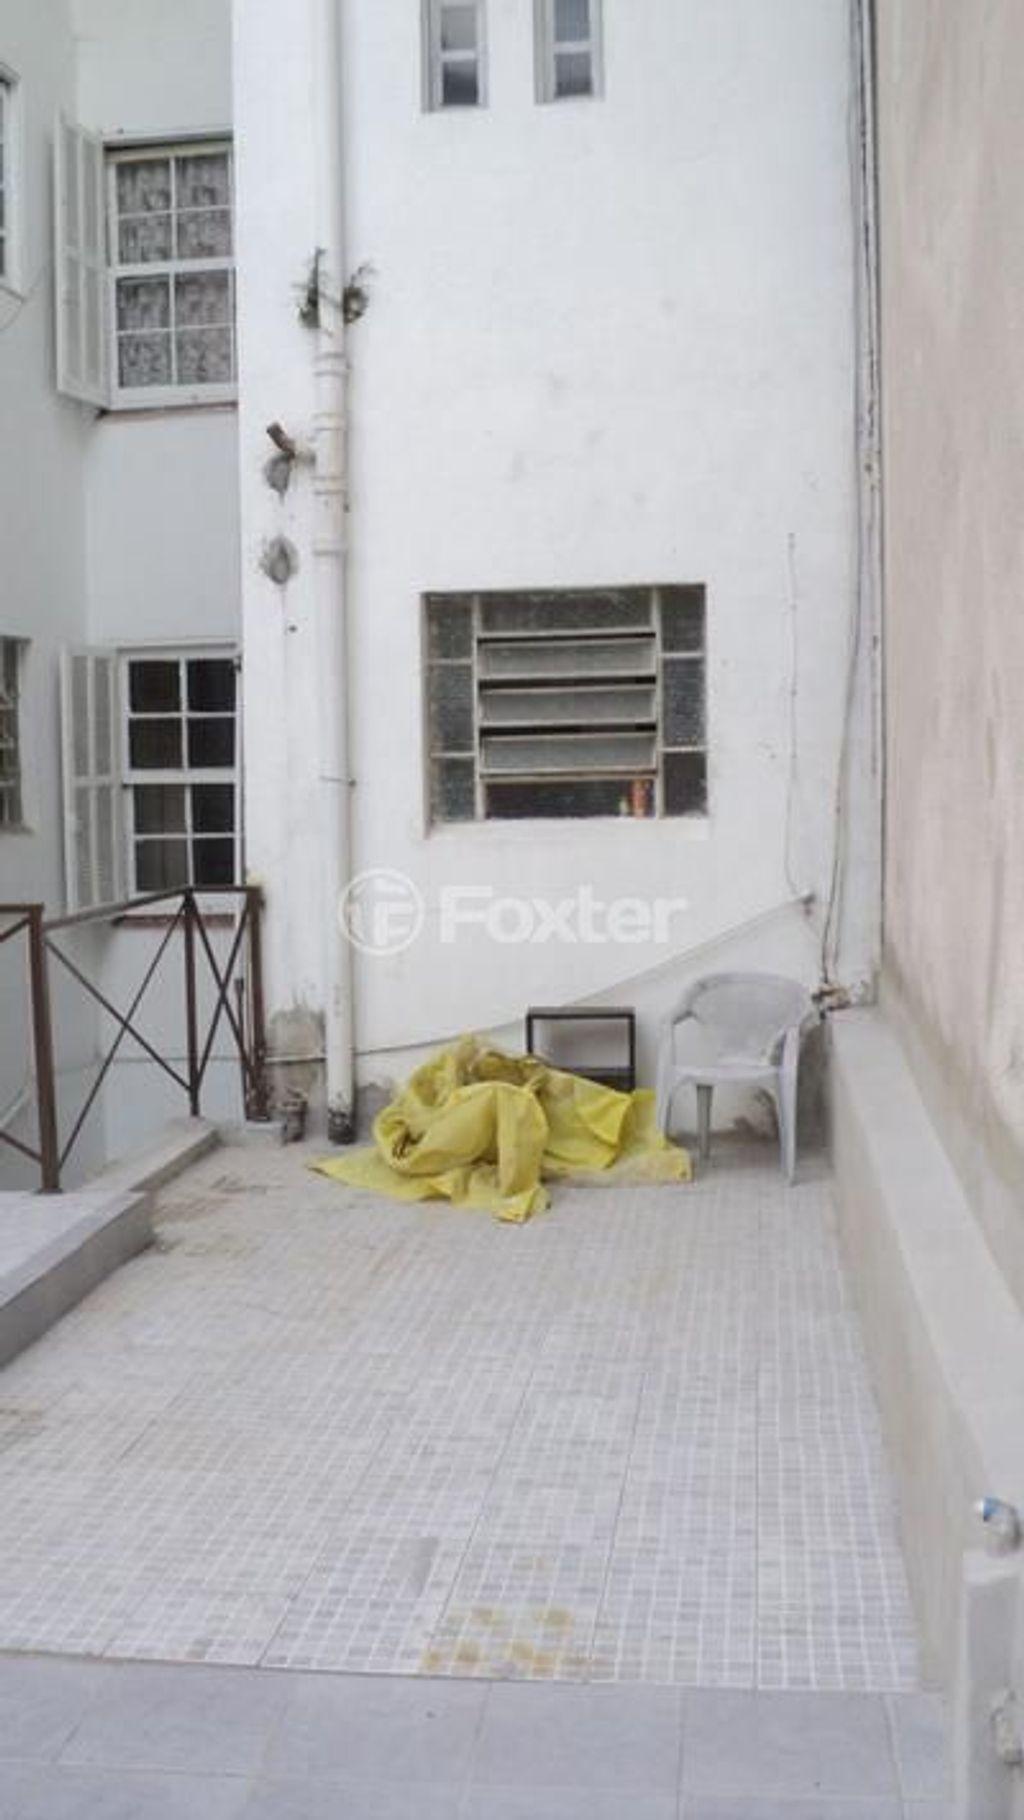 Foxter Imobiliária - Prédio 12 Dorm, Porto Alegre - Foto 5